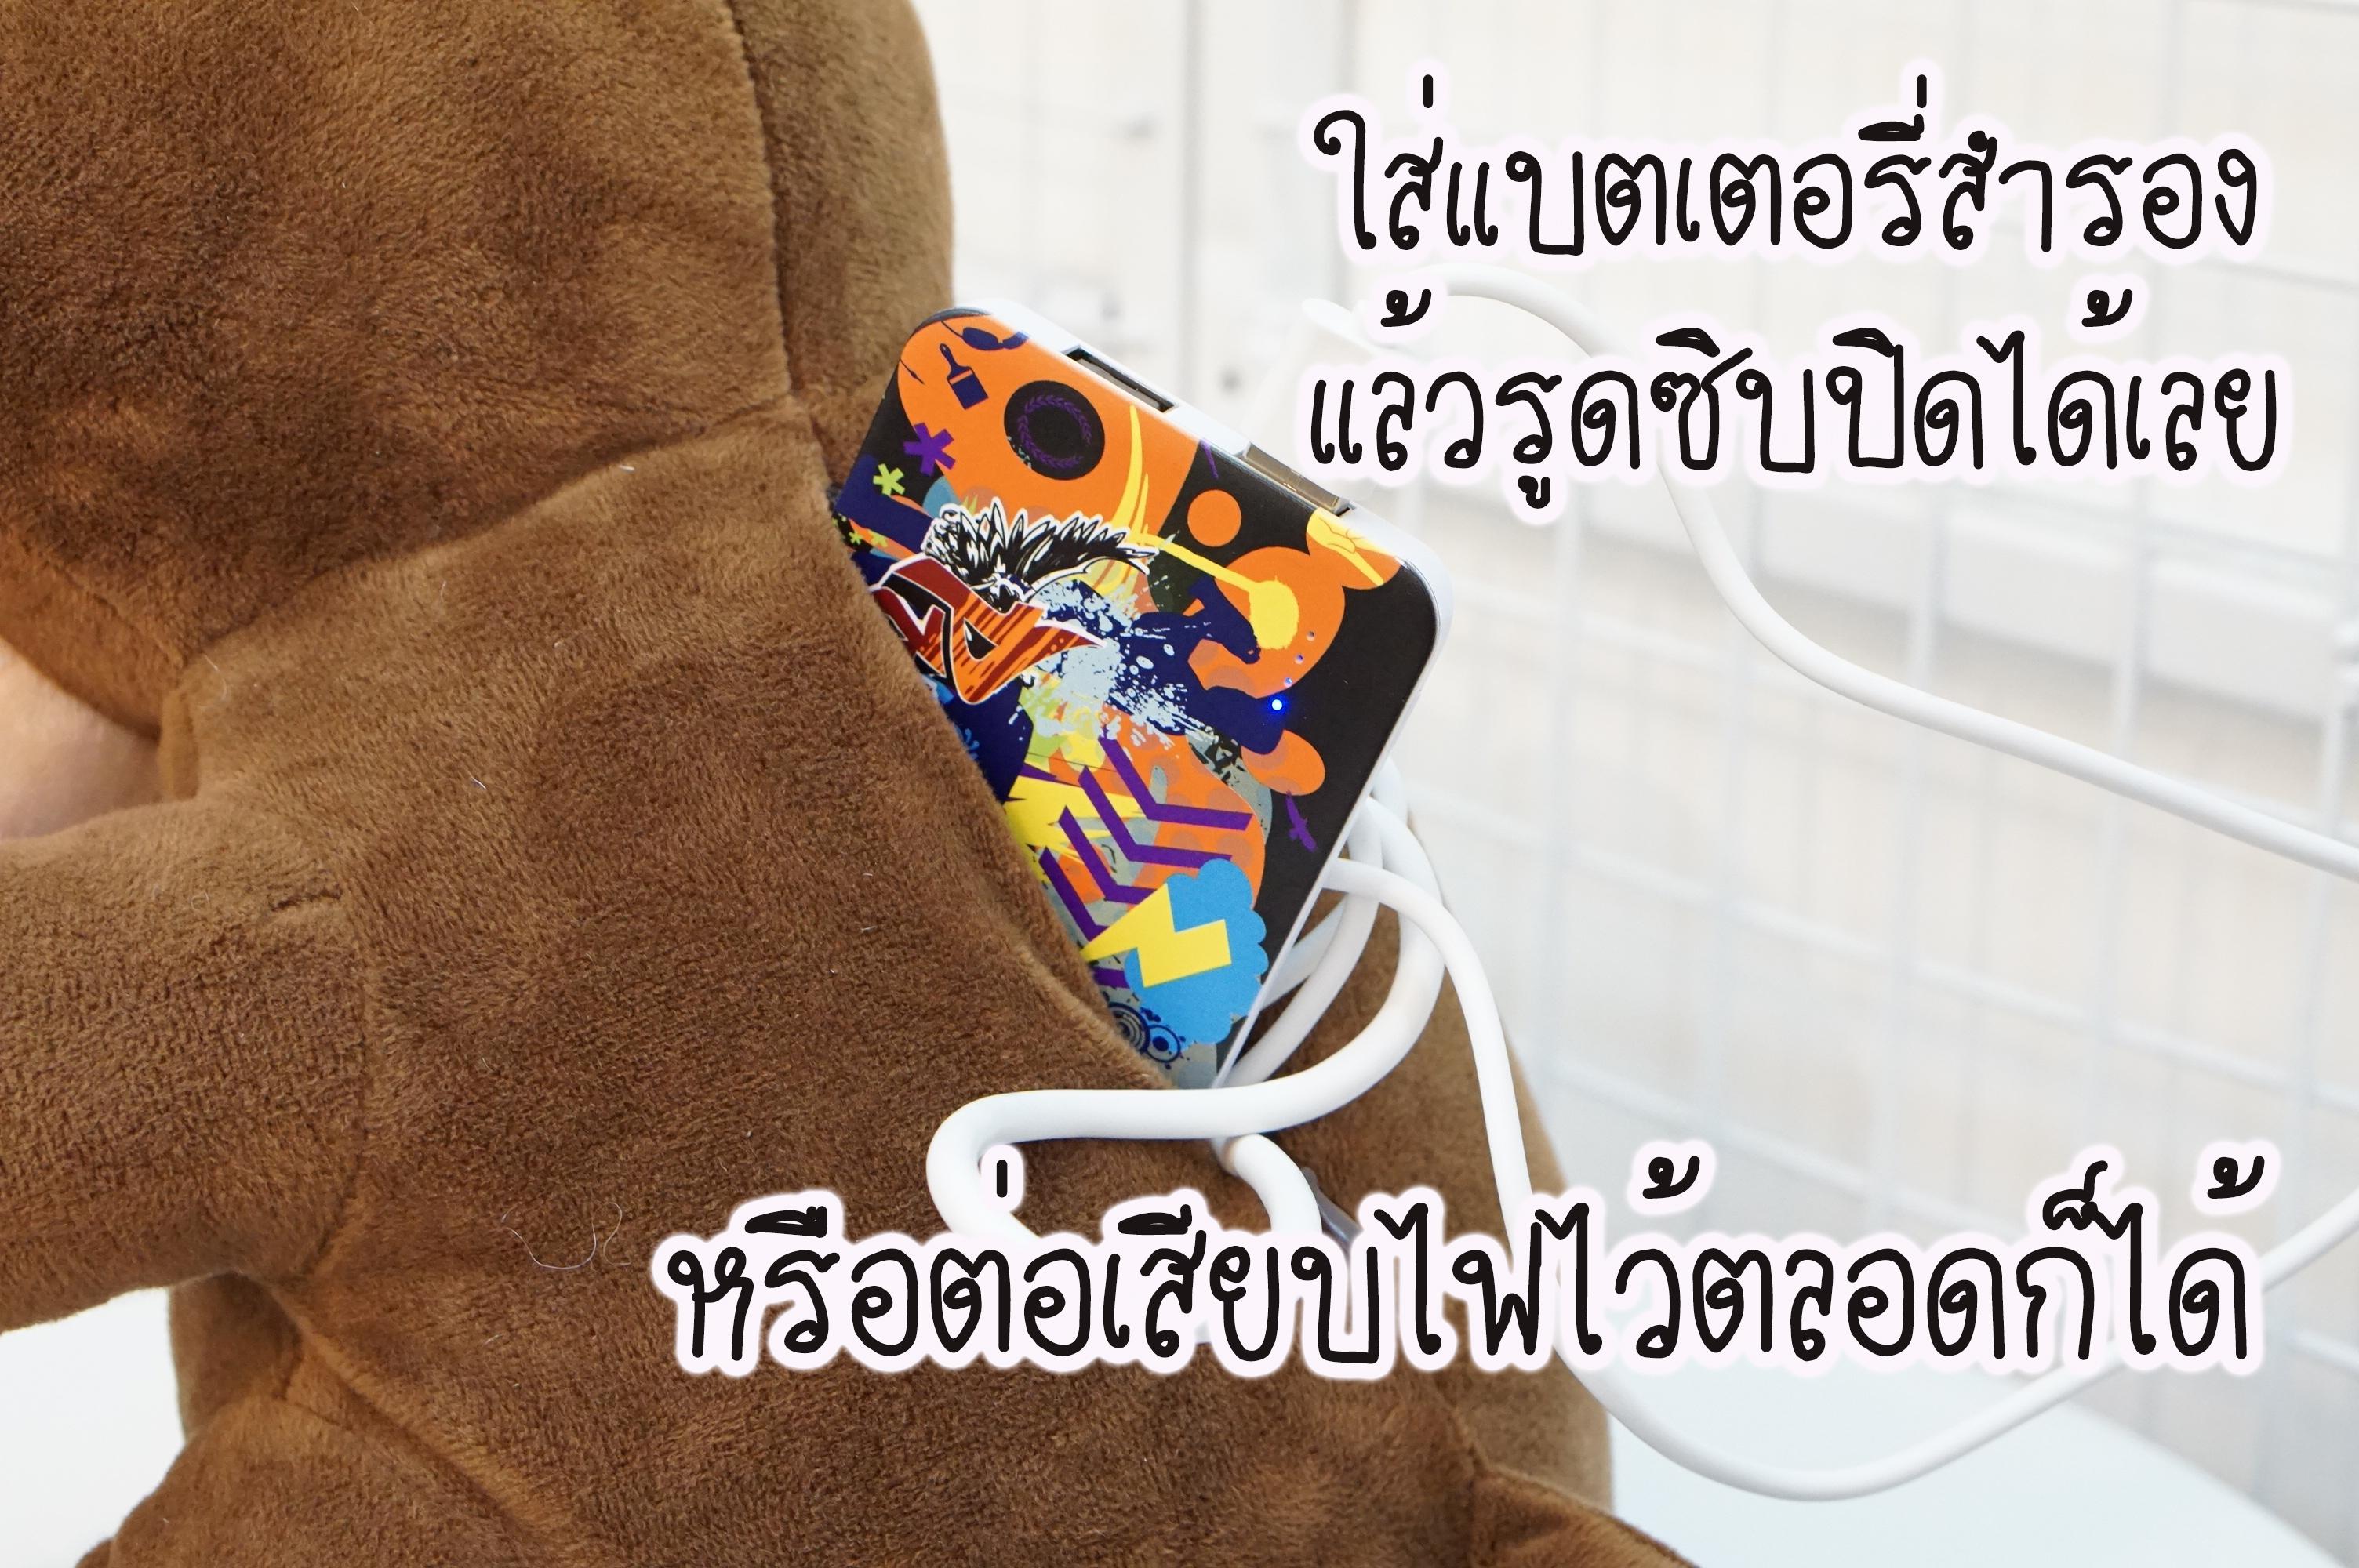 กล้อวงจรปิด-กล้องดูแลเด็ก-คิดถึงลูก-ตุ๊กตาลิง-4